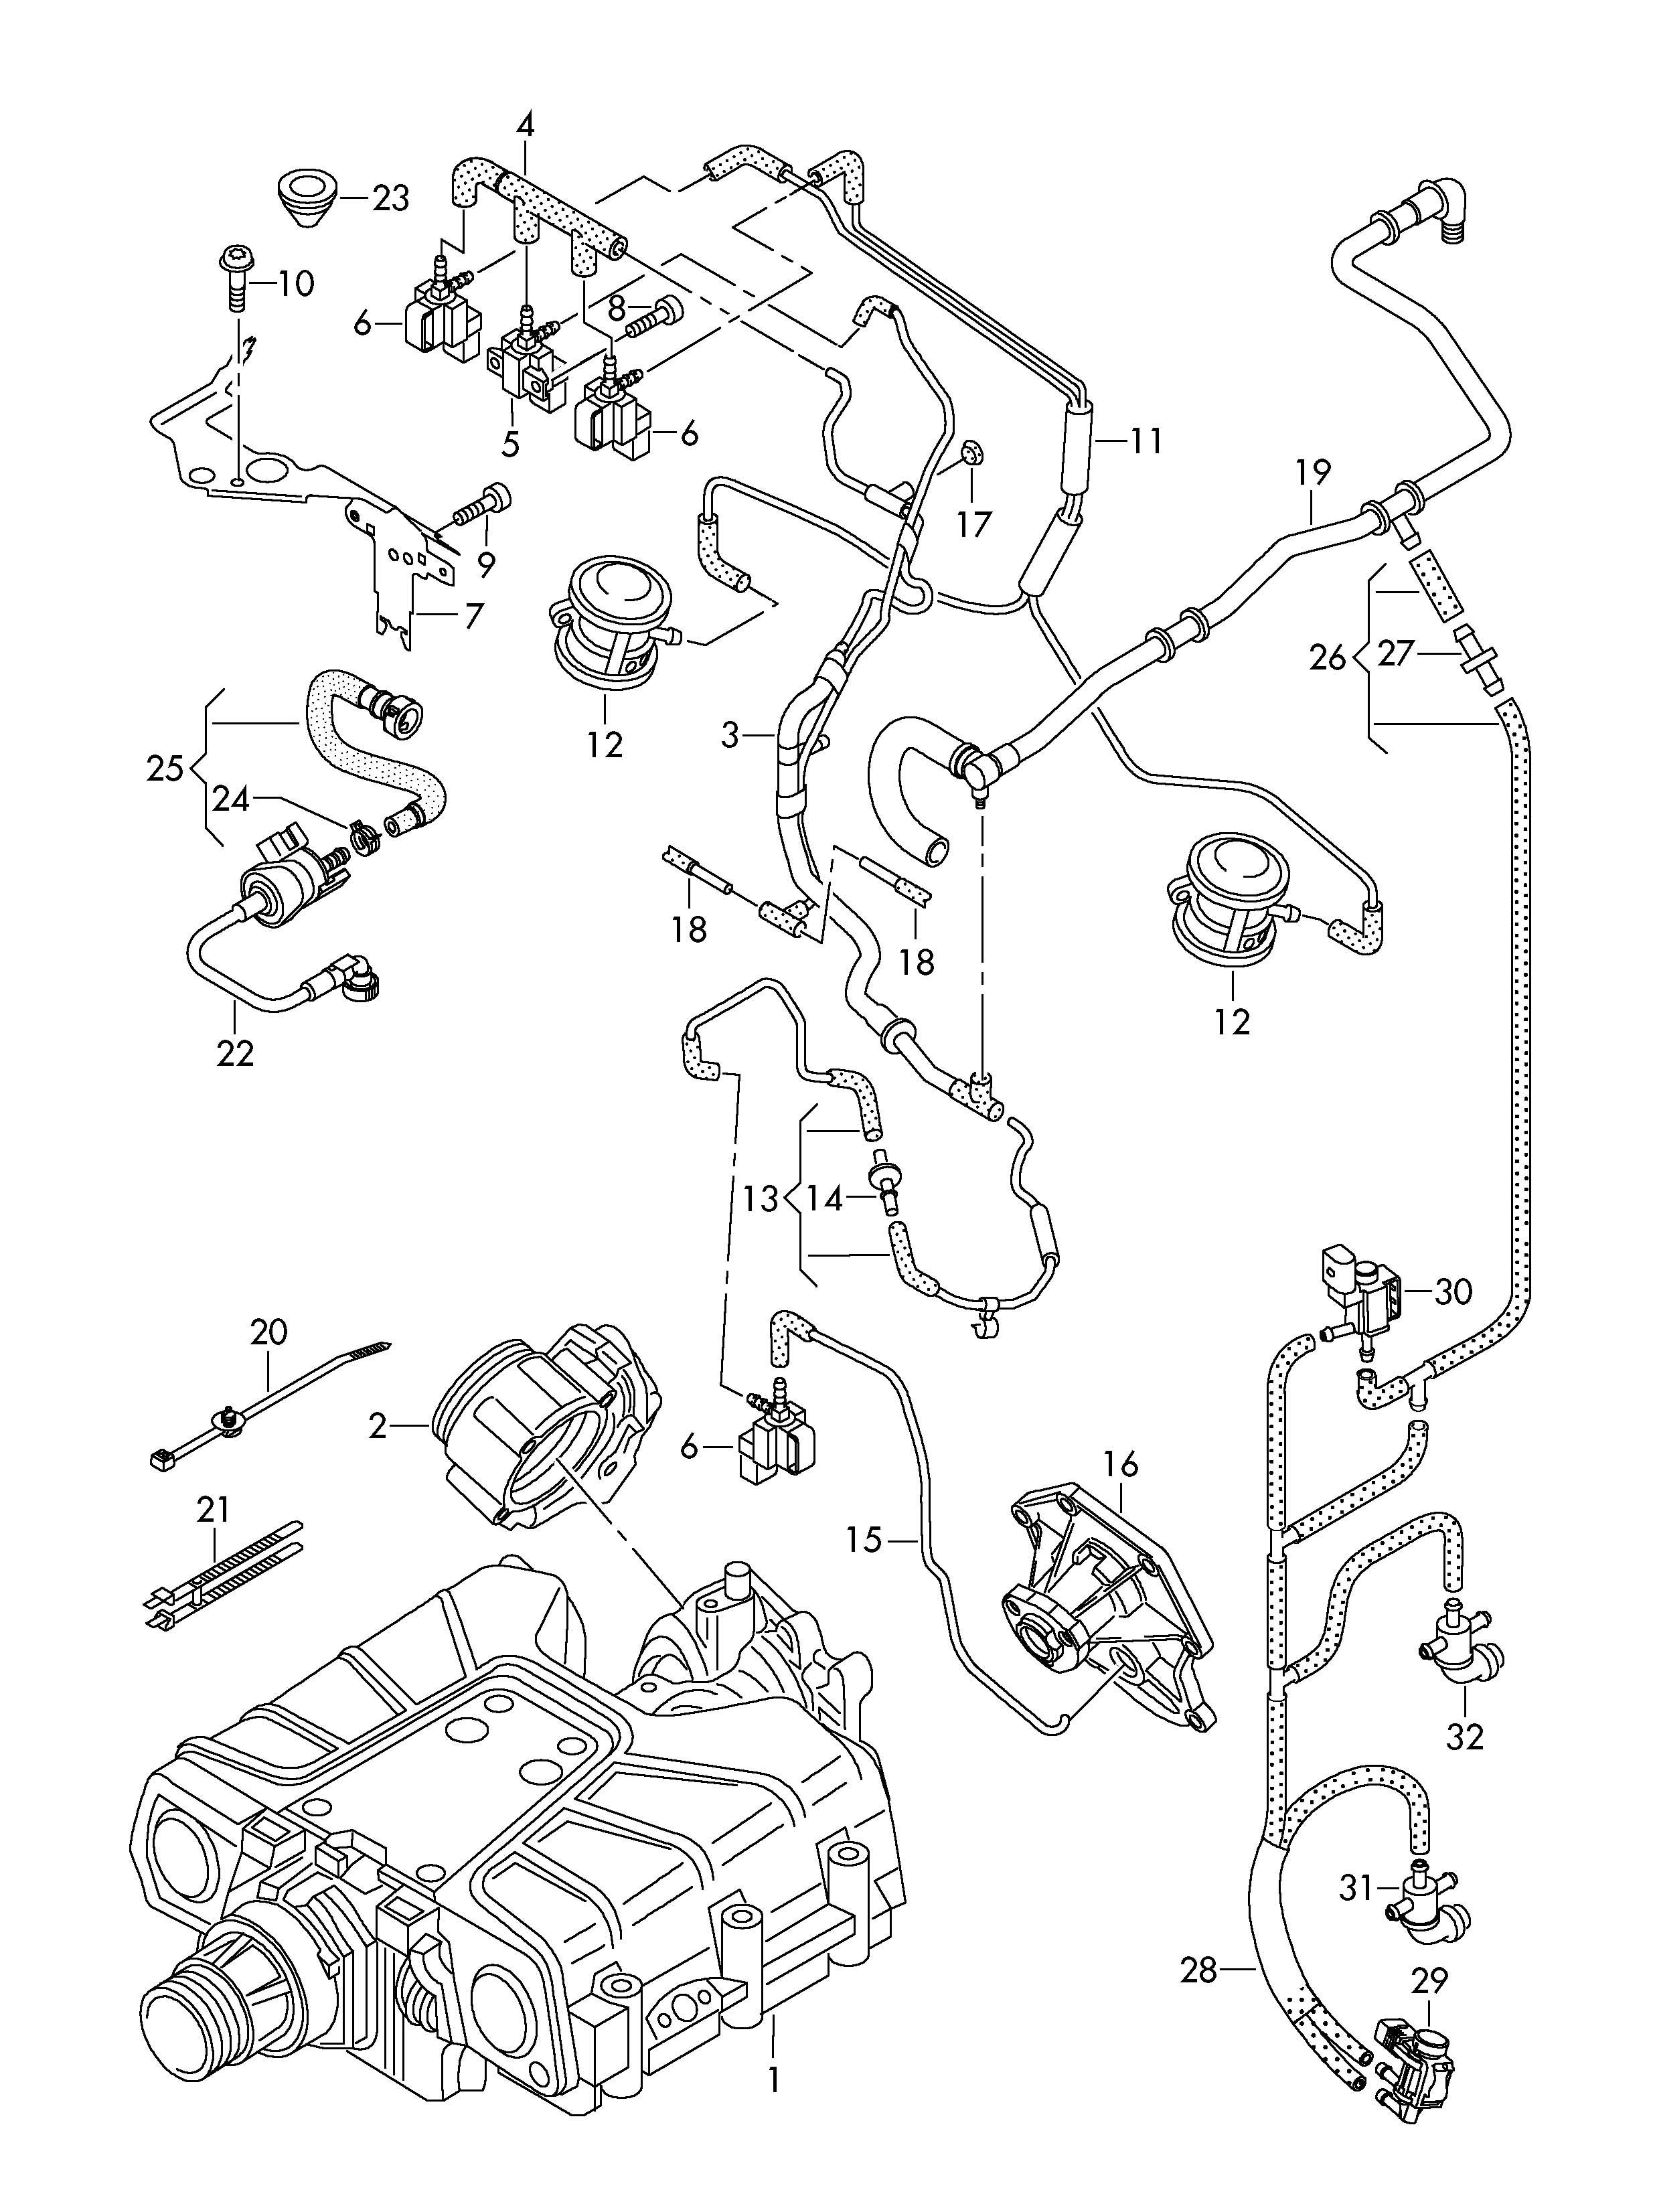 Ignition wiring diagram for 1994 suzuki swift